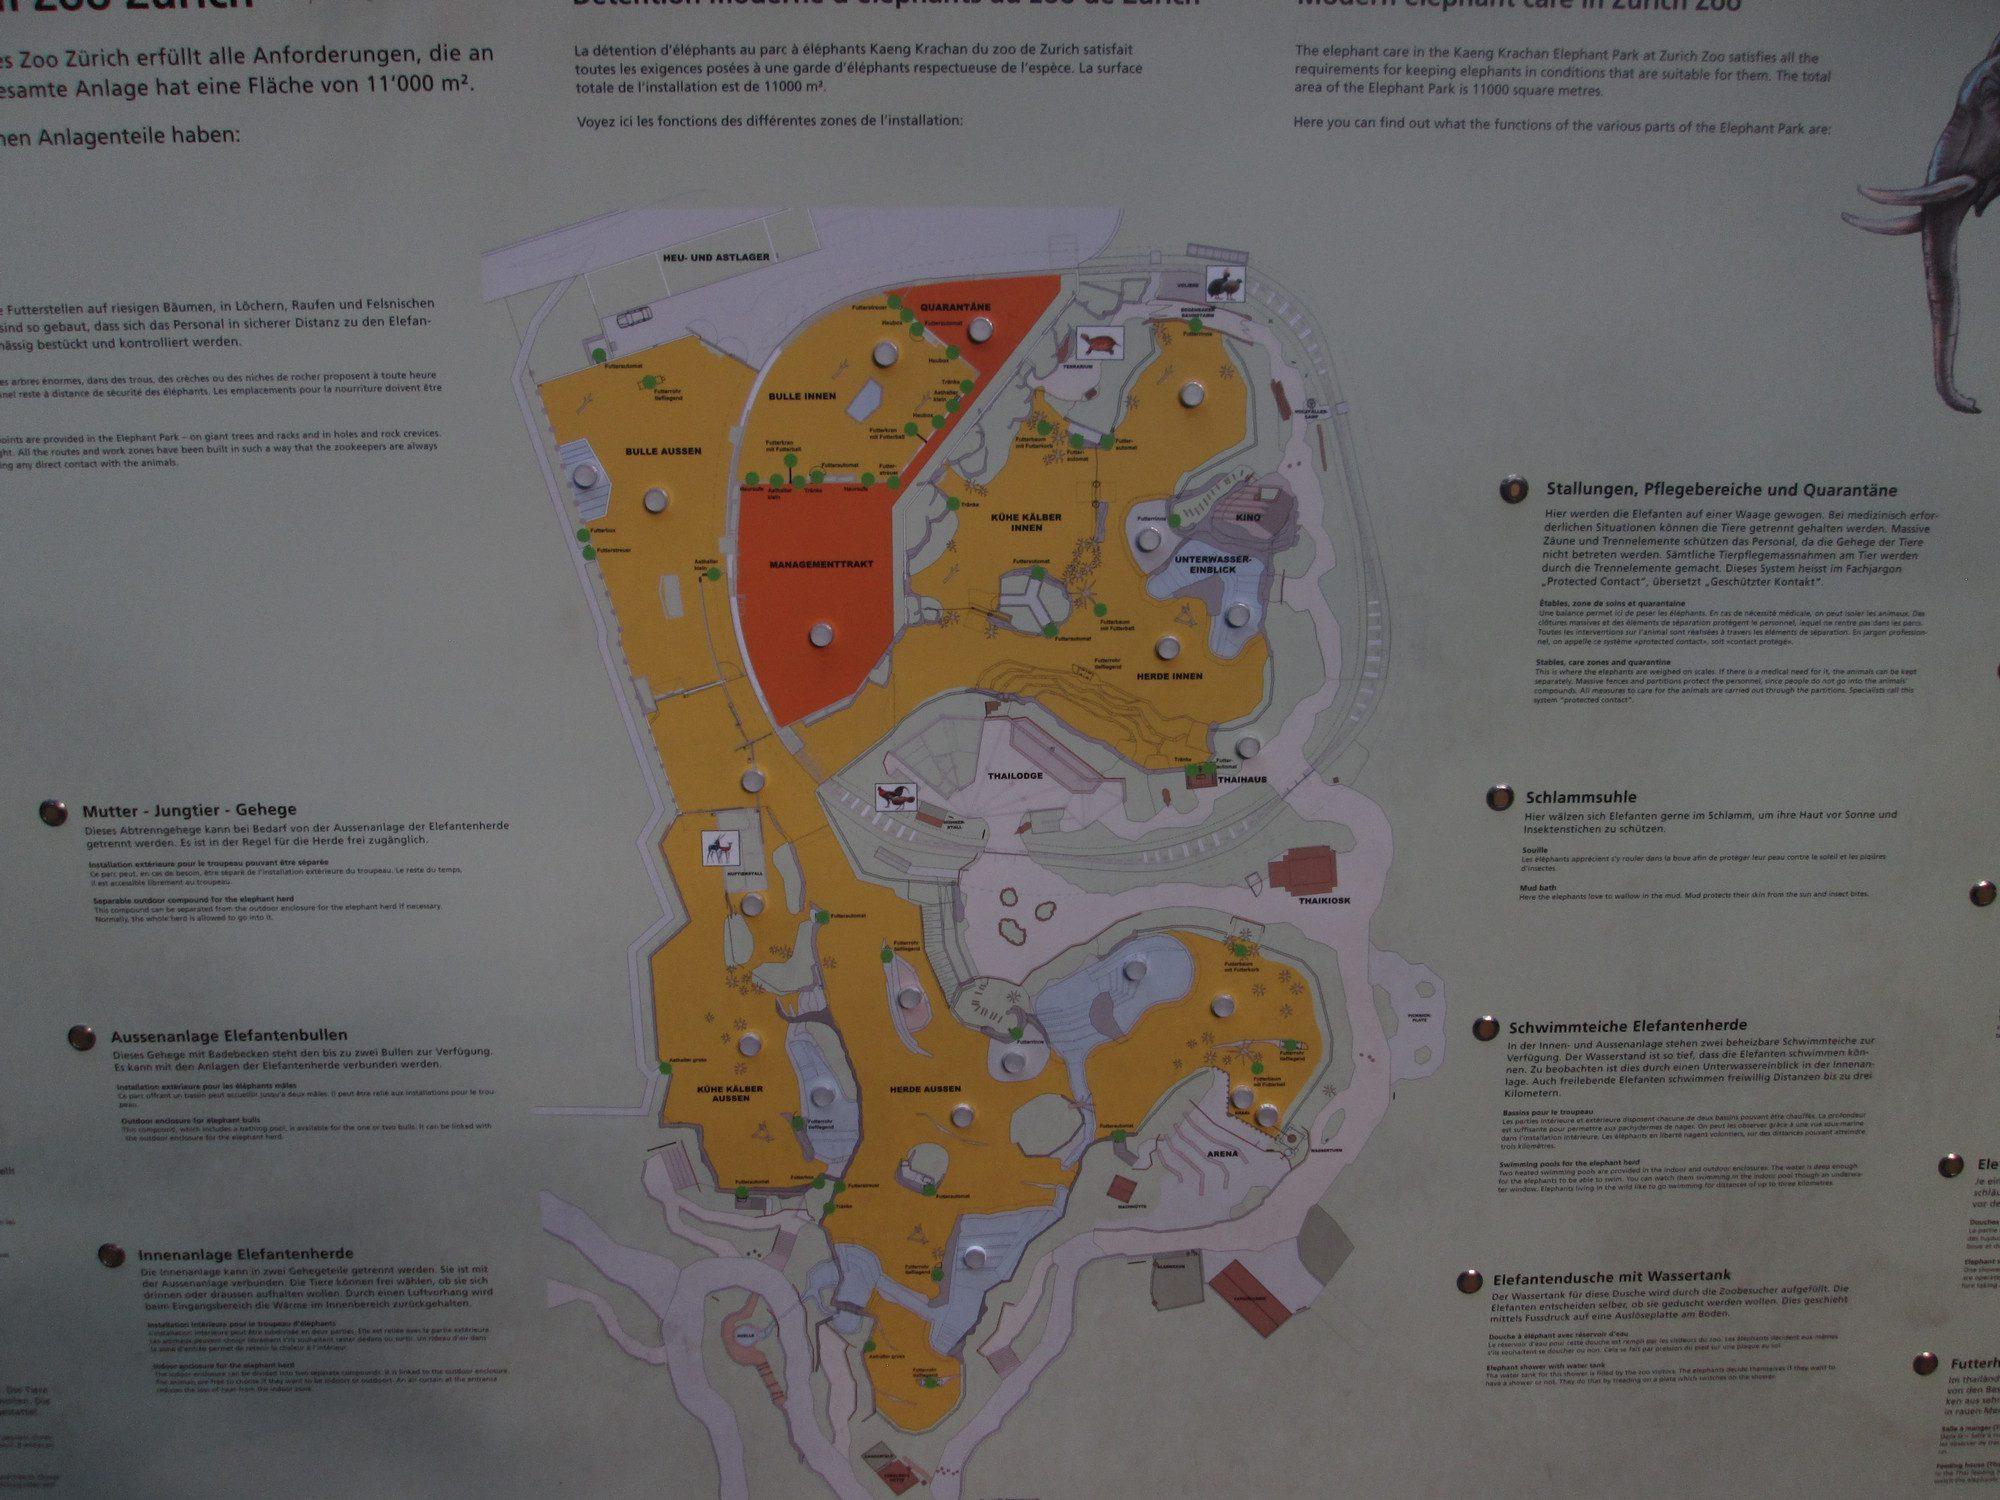 Übersicht Kaeng Krachan Elefantenpark Zoo Zürich